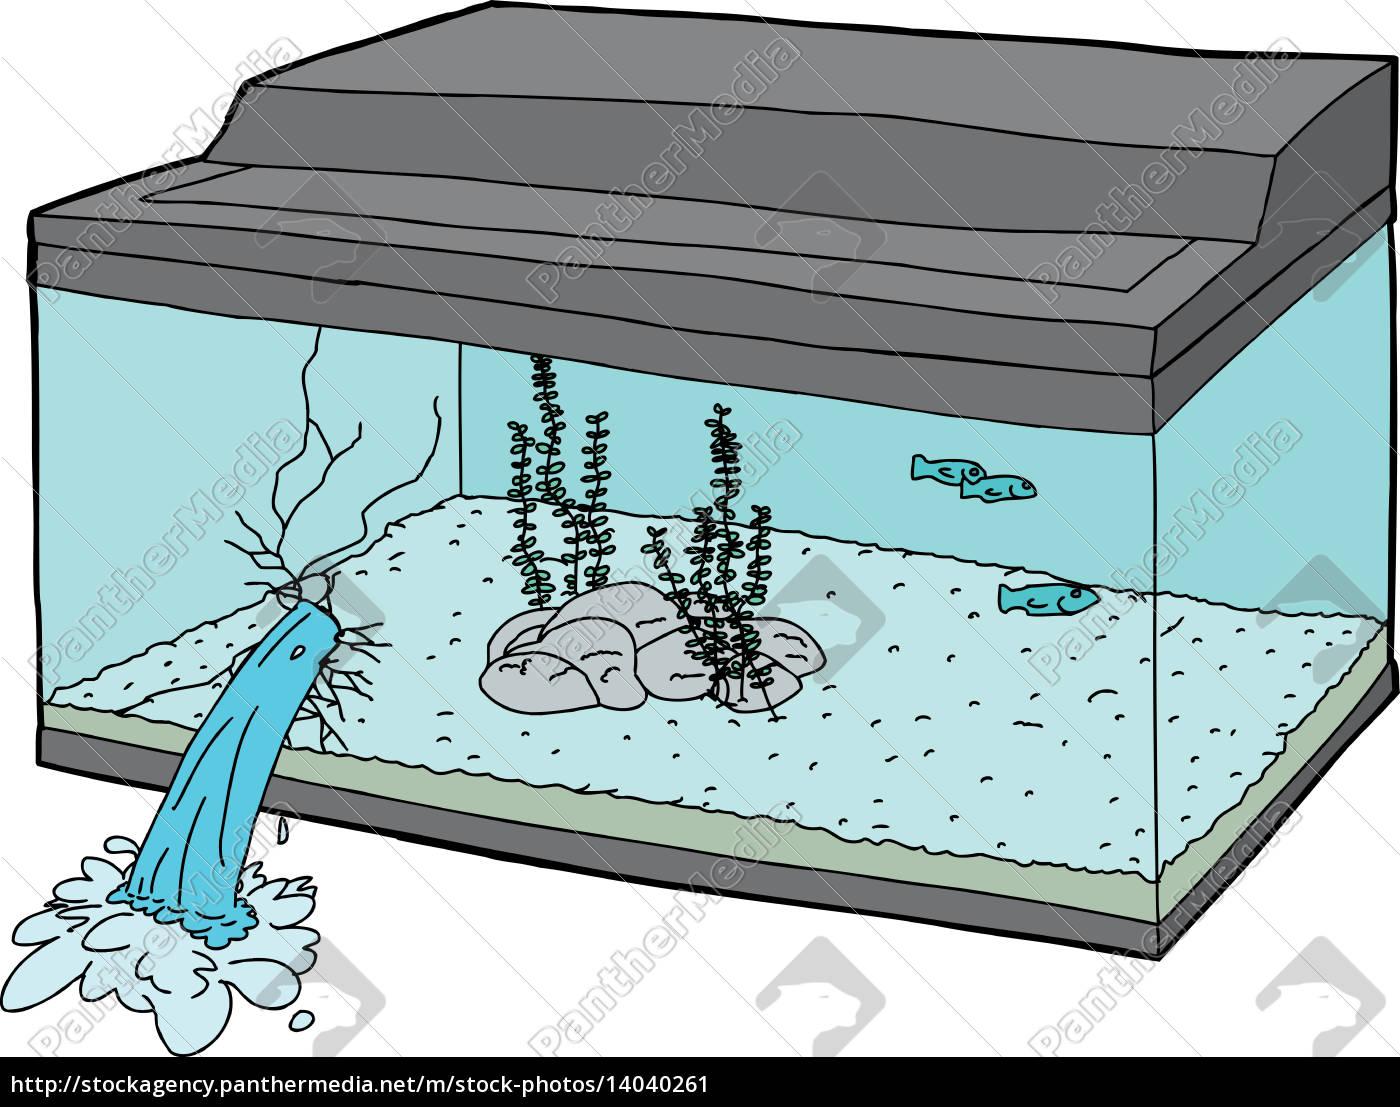 single, isolated, stone, pet, aquarium, fish - 14040261